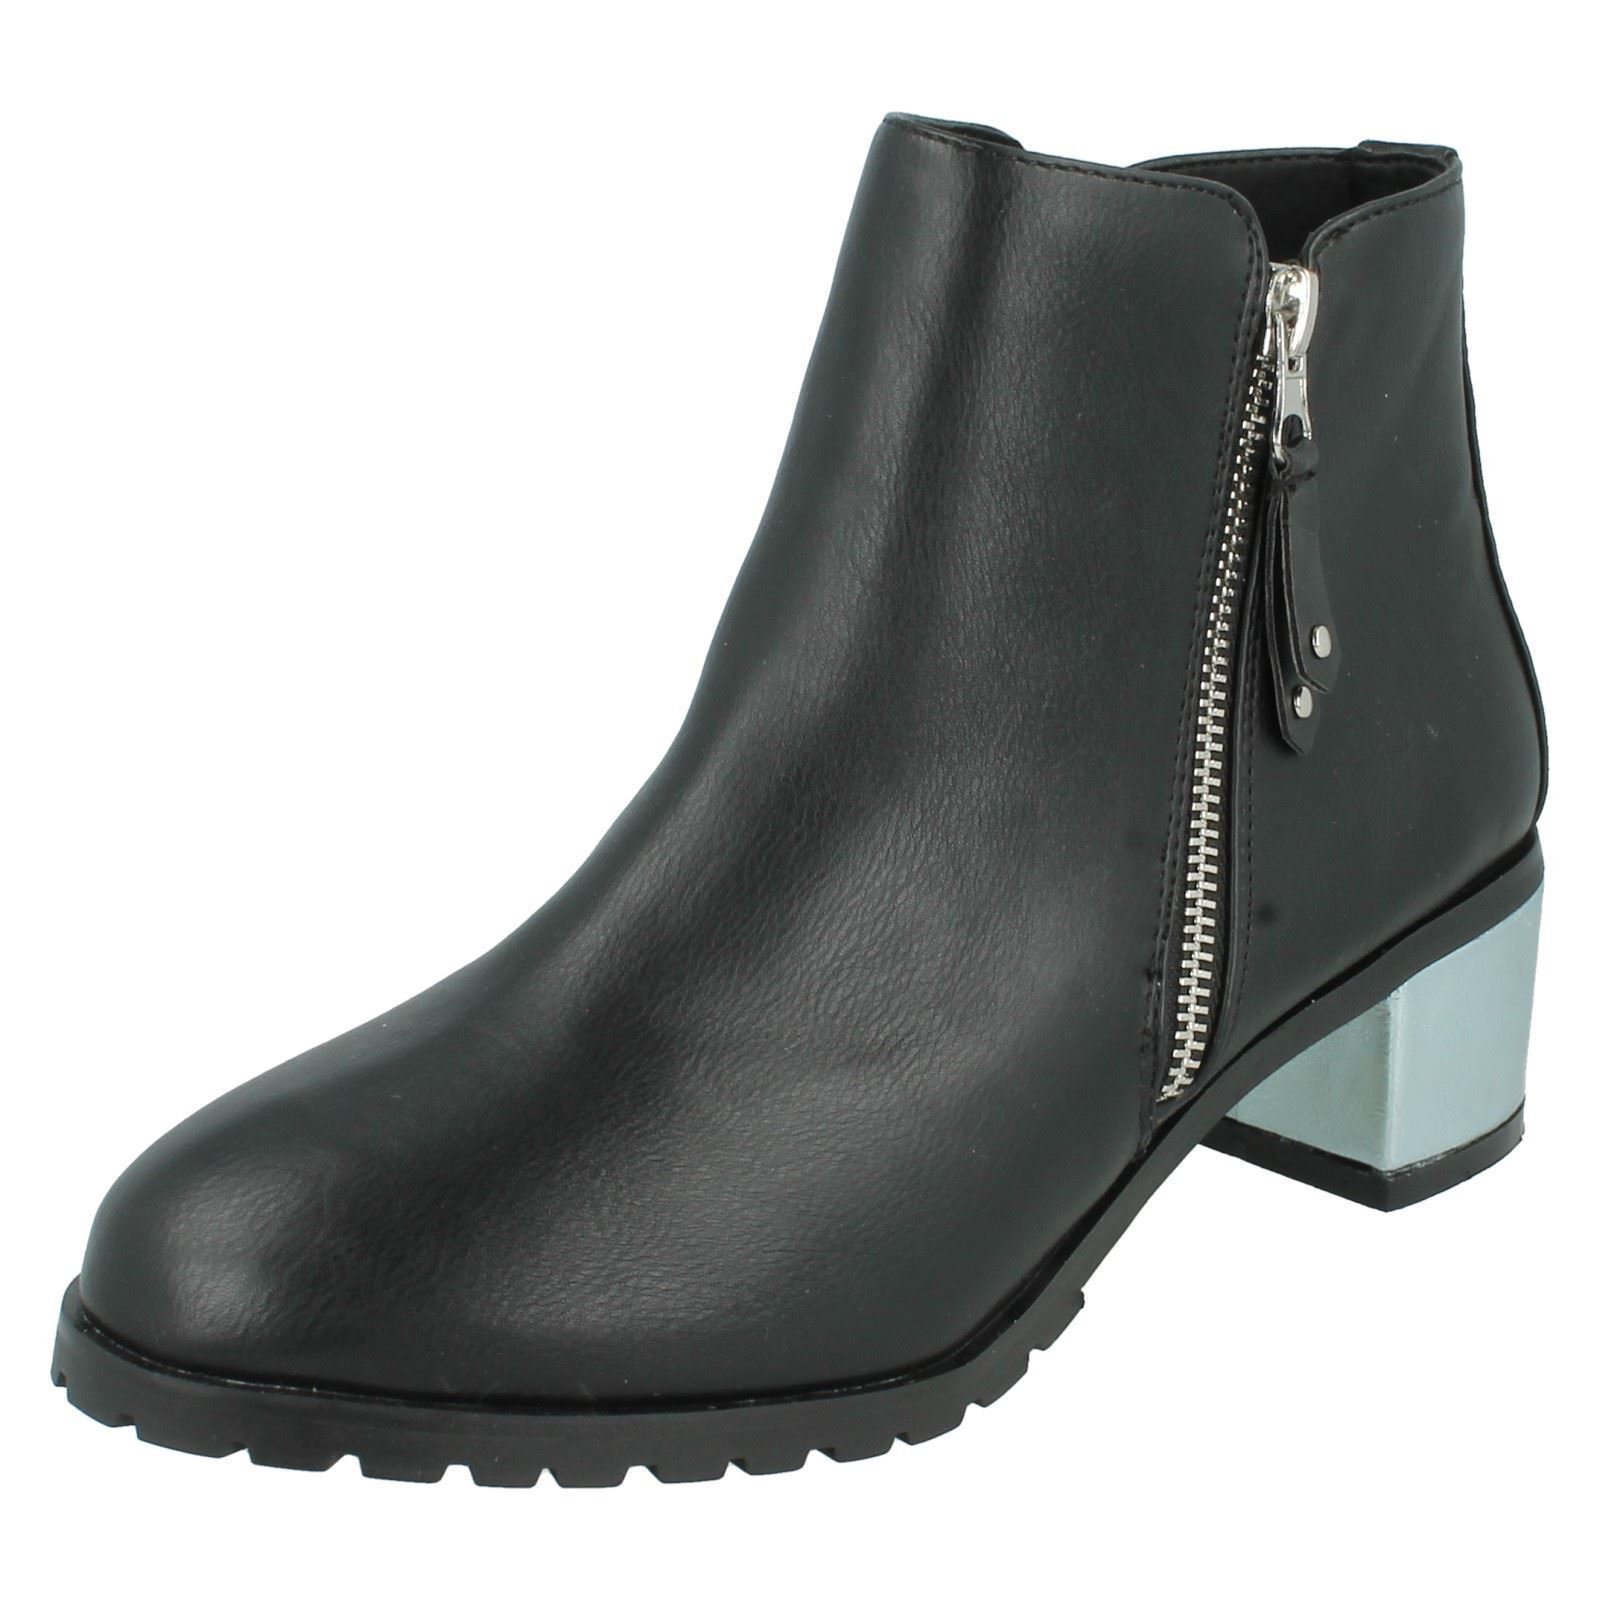 2986971b6a4 Ladies Anne Michelle Black Zip boots F50633 Up Ankle nowxzu3060 ...